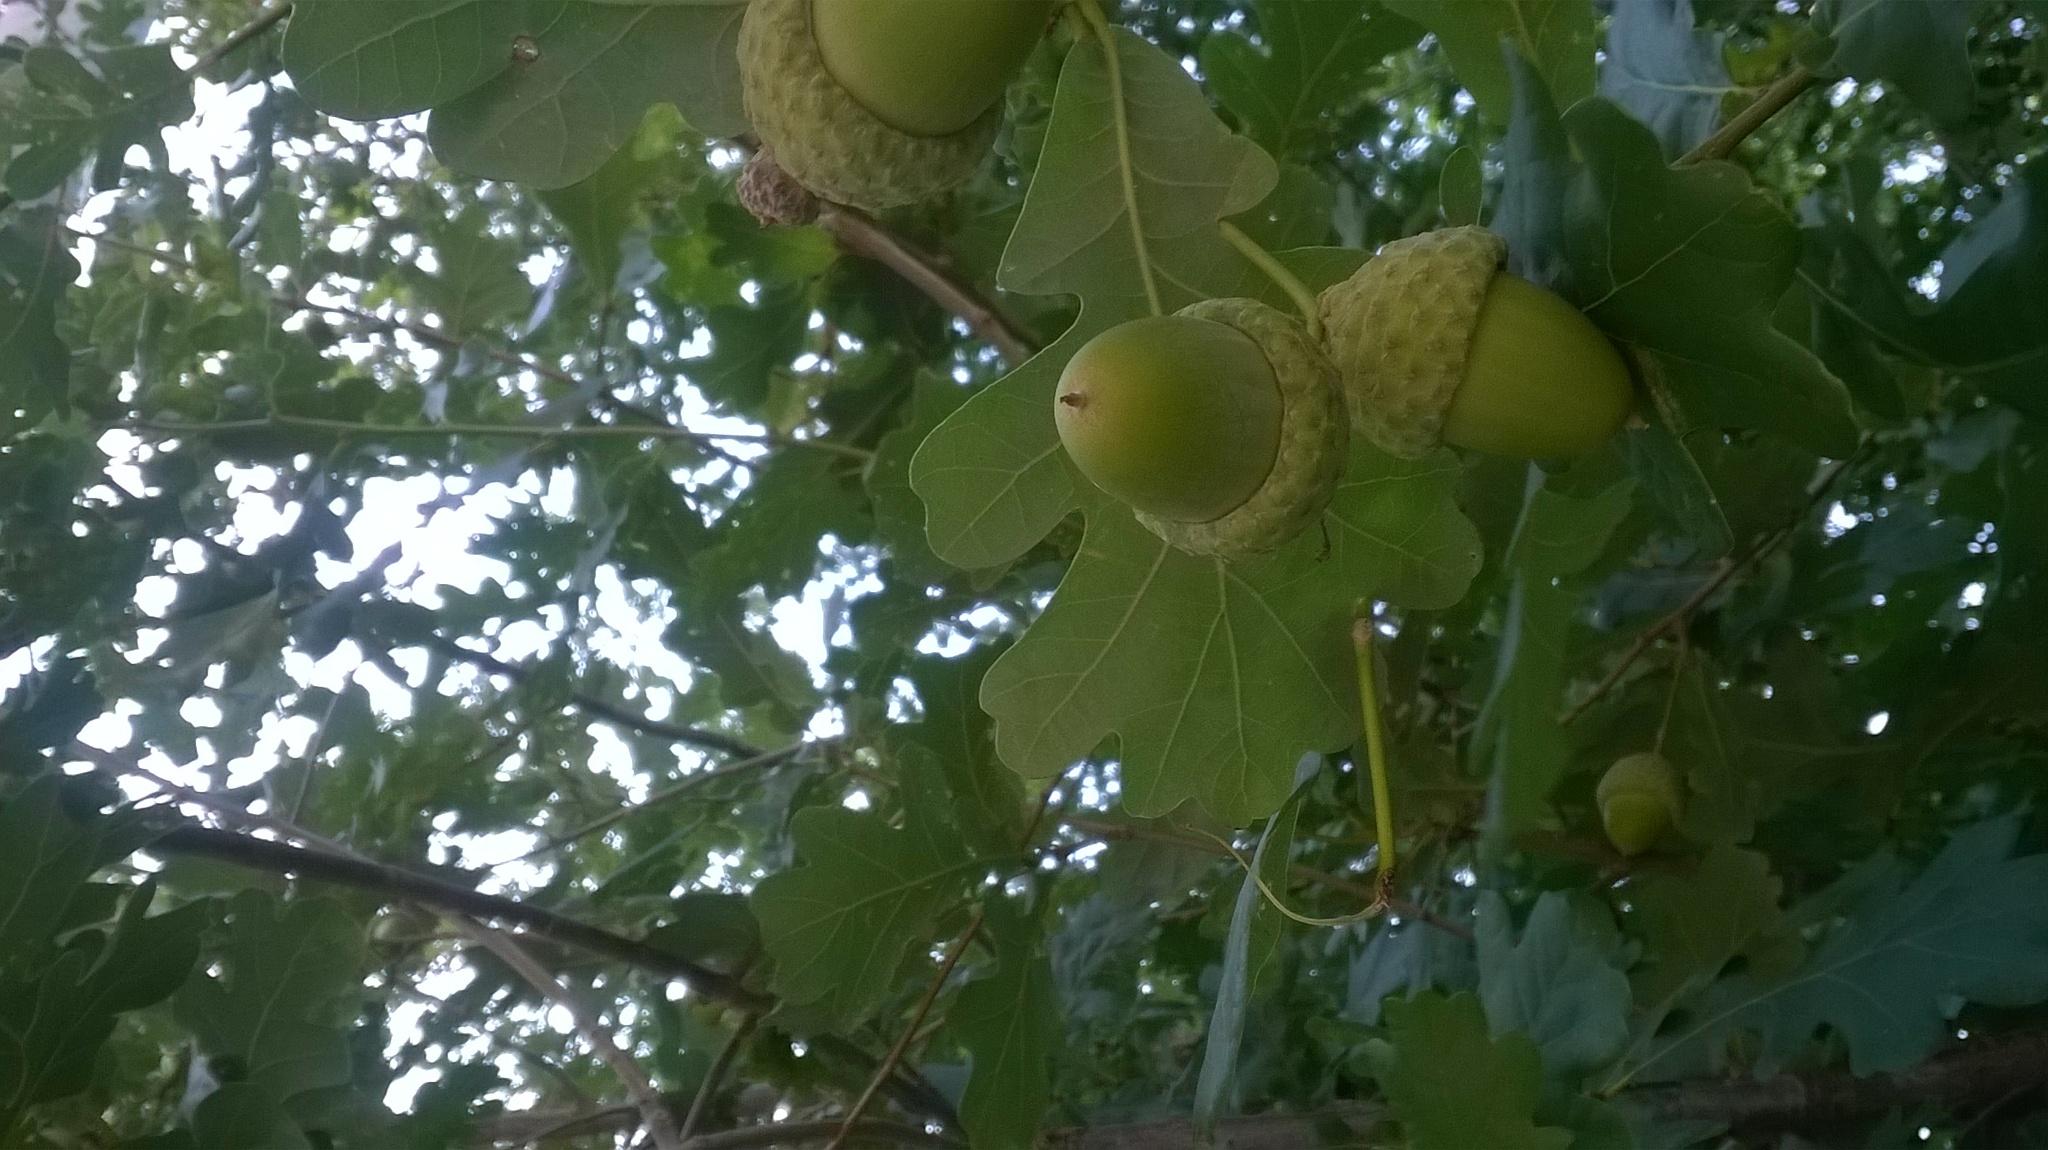 acorn by Saygın Saner